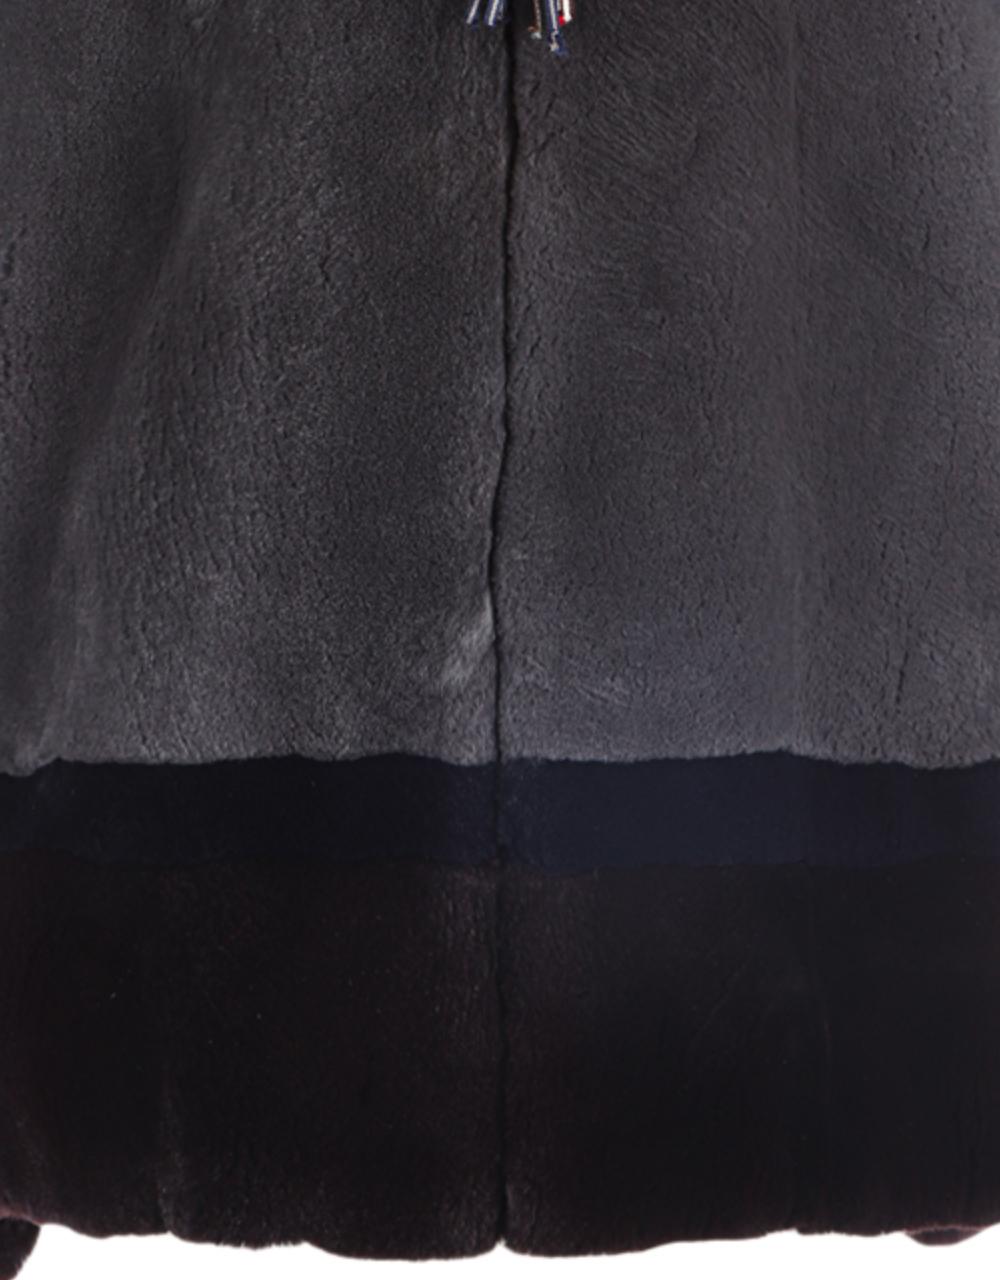 긴팔 티셔츠 바이올렛 색상 이미지-S3L4